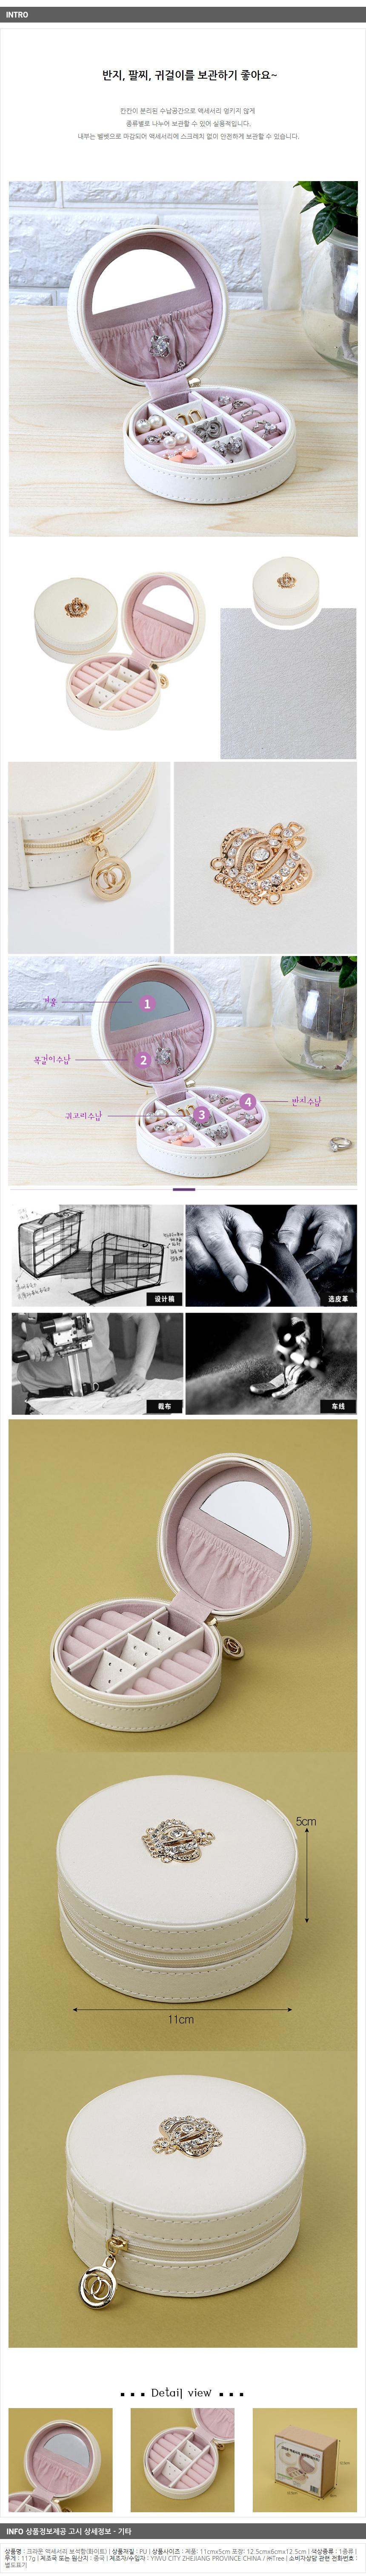 퀸즈 귀걸이 정리 휴대용 귀걸이 정리함 - 기프트갓, 17,720원, 보관함/진열대, 주얼리보관함